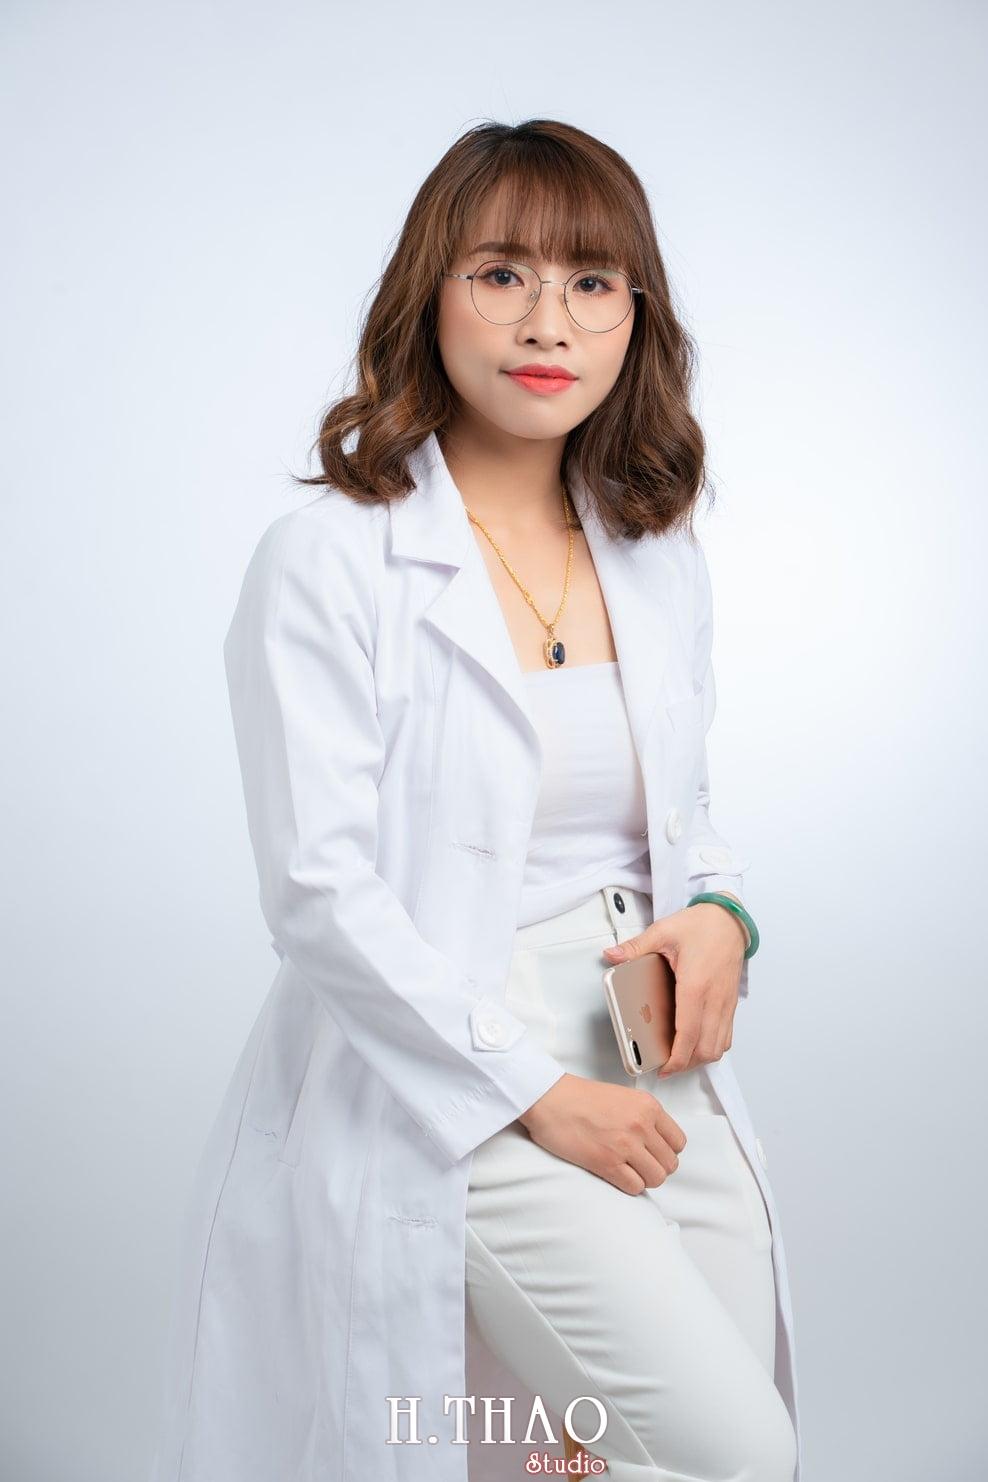 Profile bac si nu 1 - Tổng hợp ảnh profile nghề nghiệp Tháng 3 - HThao Studio